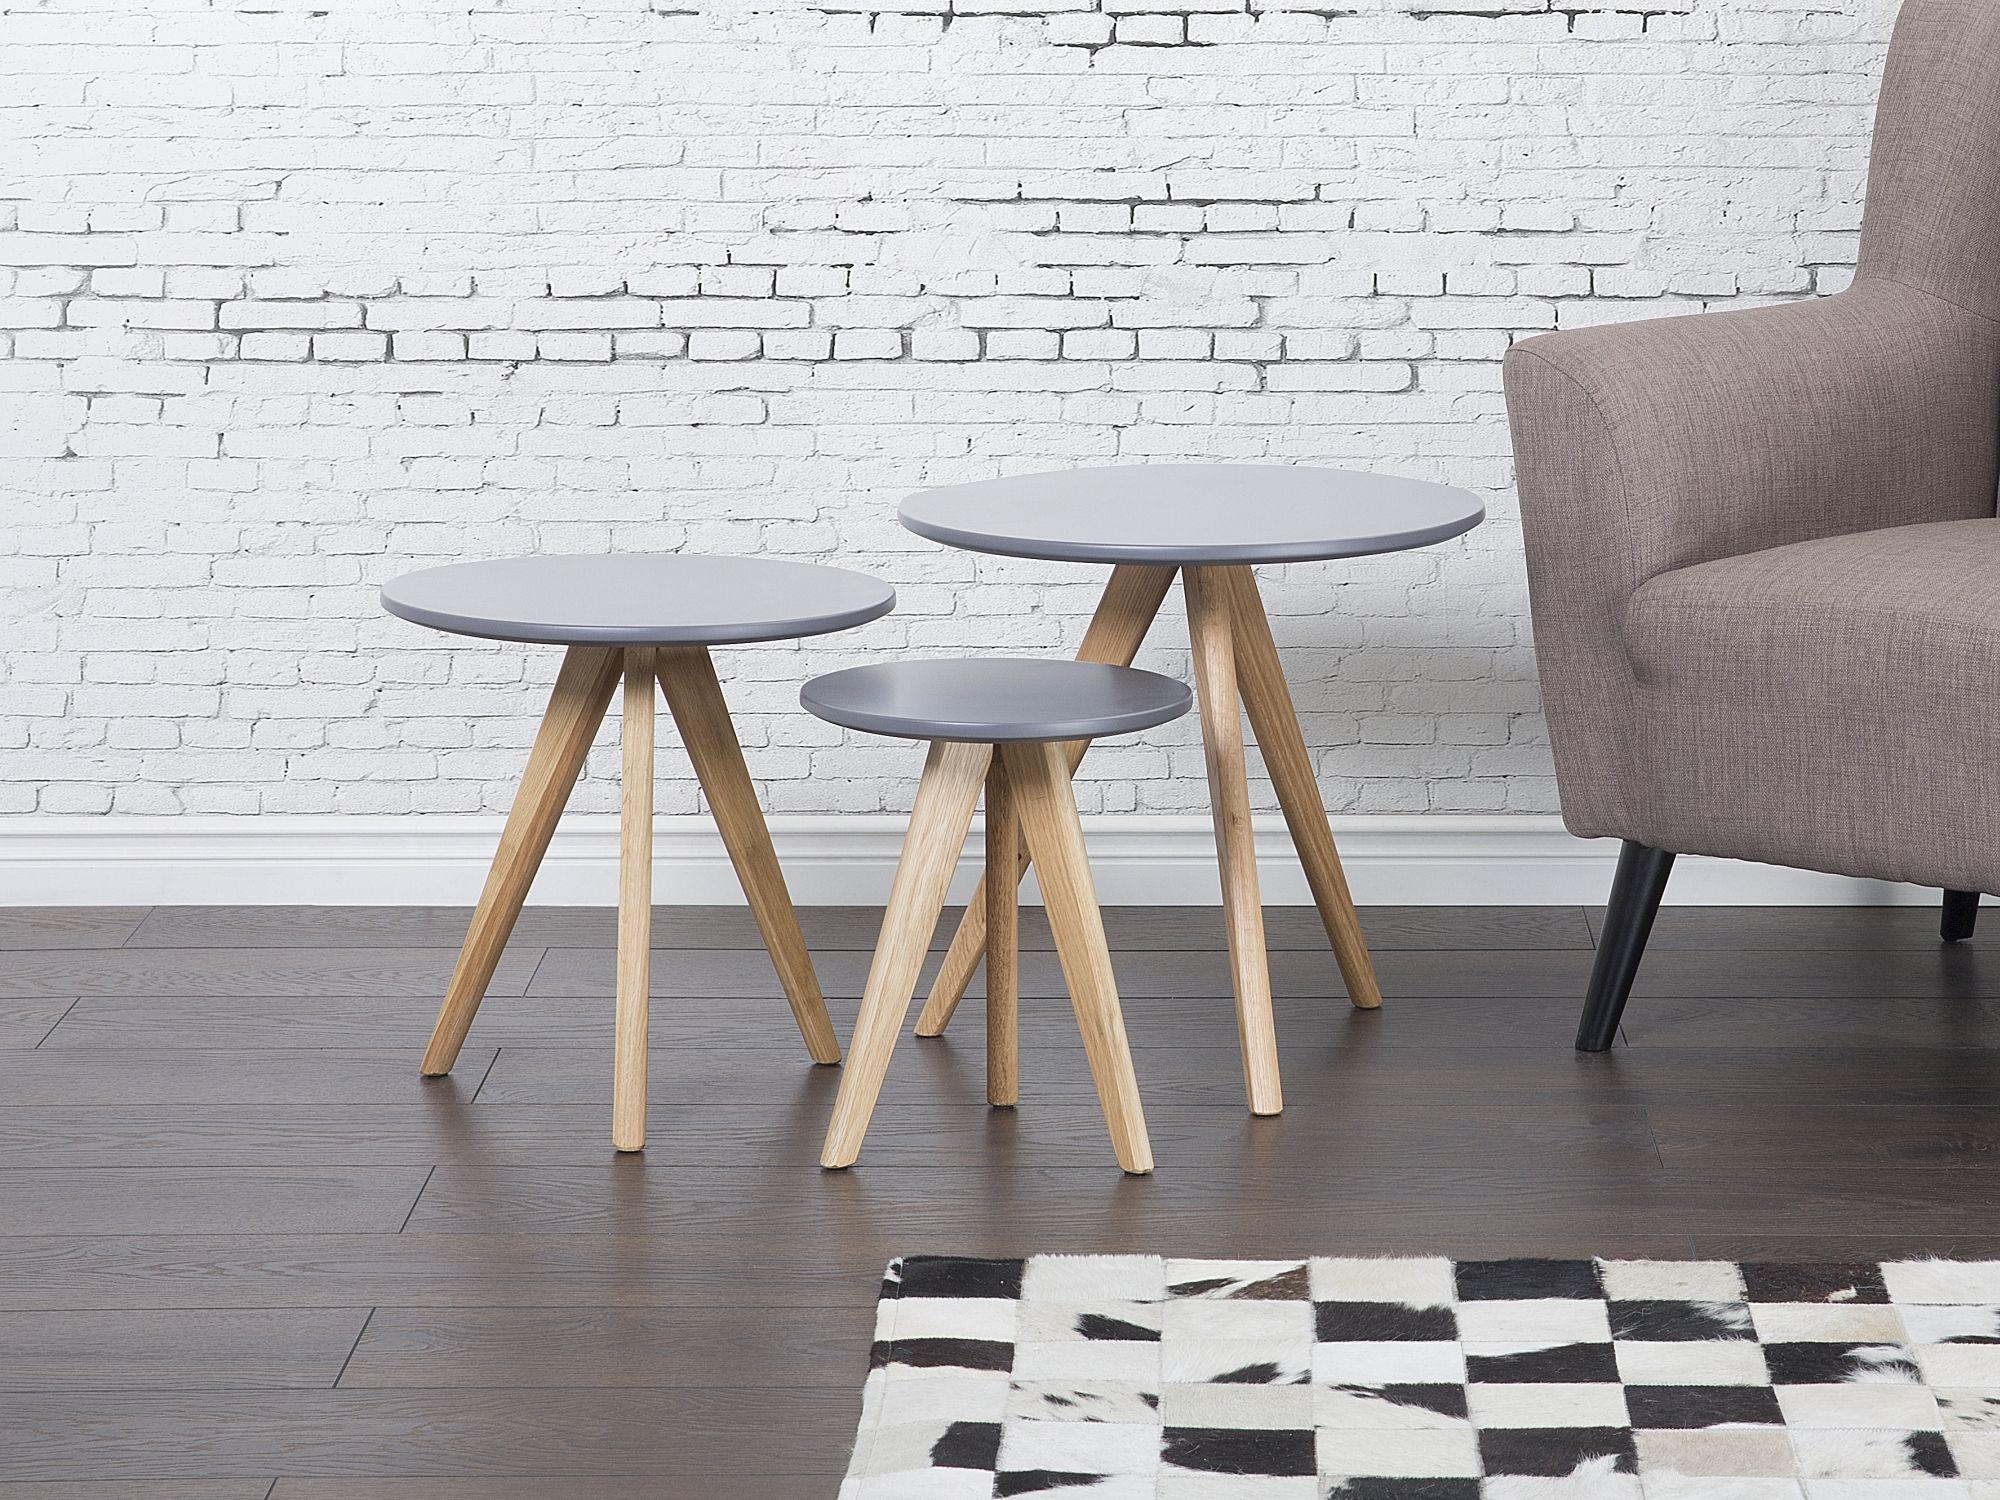 couchtisch grau 3er set vegas couchtisch grau wohnzimmertische und beistelltische. Black Bedroom Furniture Sets. Home Design Ideas